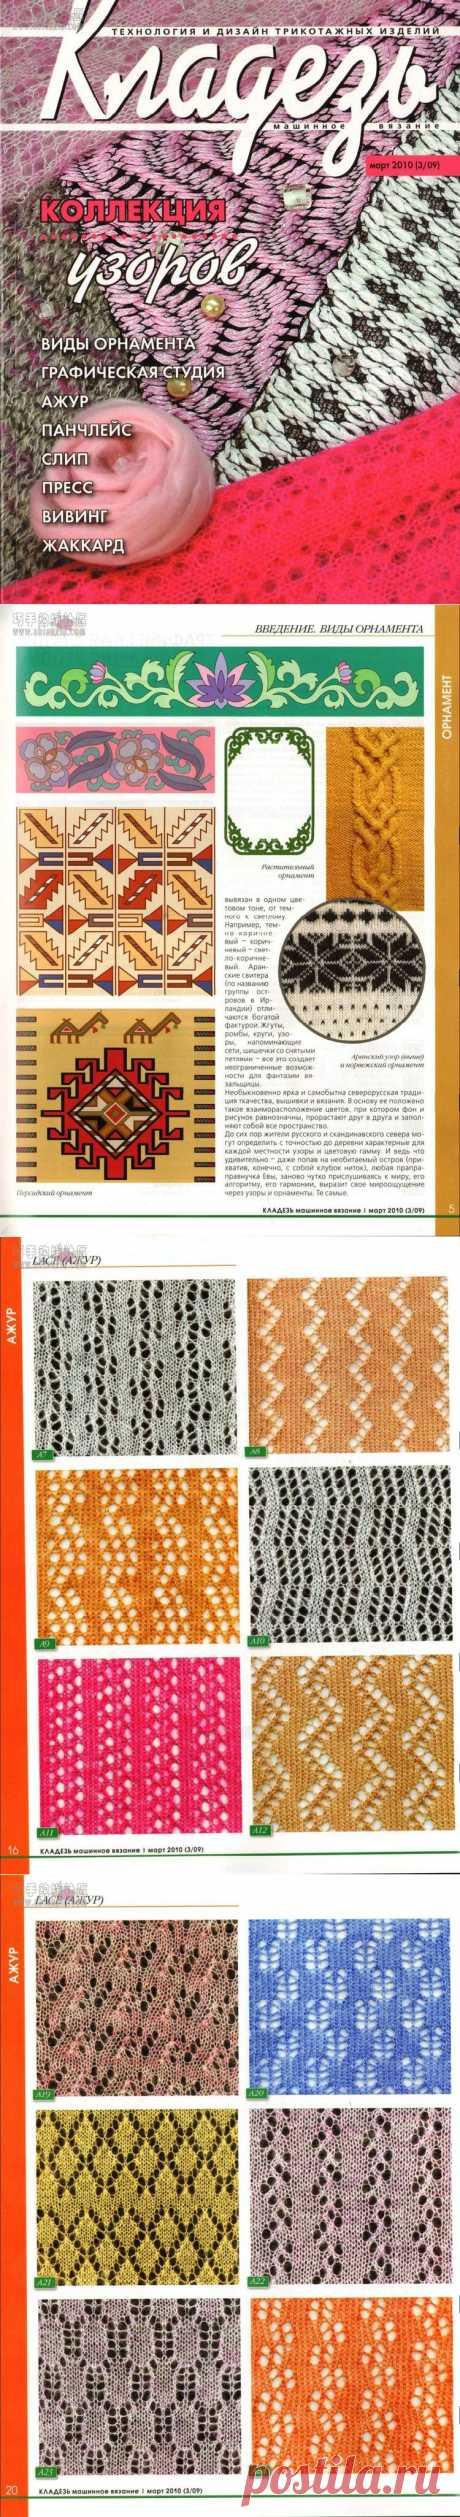 Новый жаккард, полый цветочным узором - влюбиться в журнале Fangfei - Netease блог